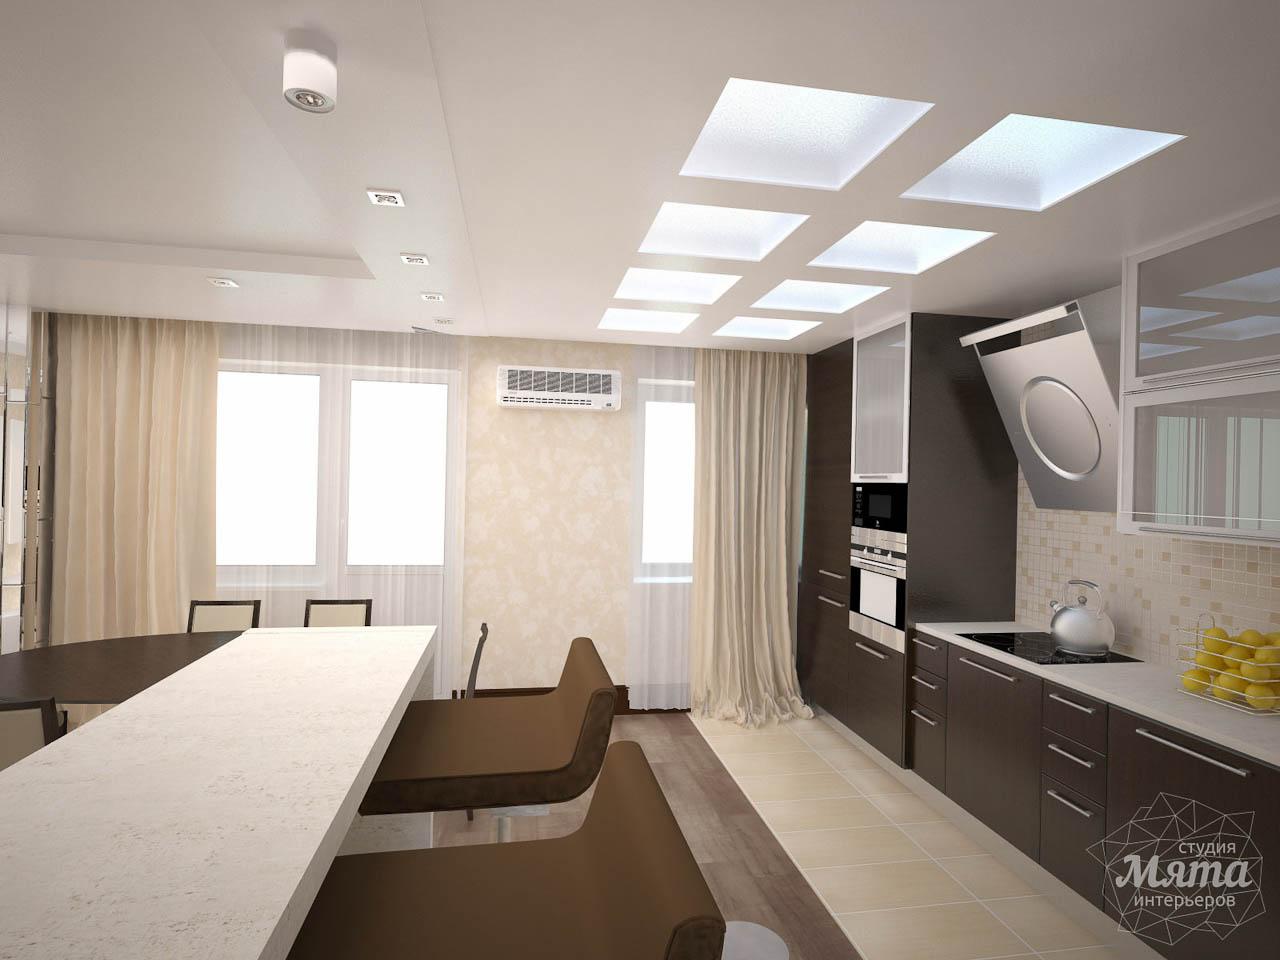 Дизайн интерьера трехкомнатной квартиры по ул. Белинского 222 img1496295139